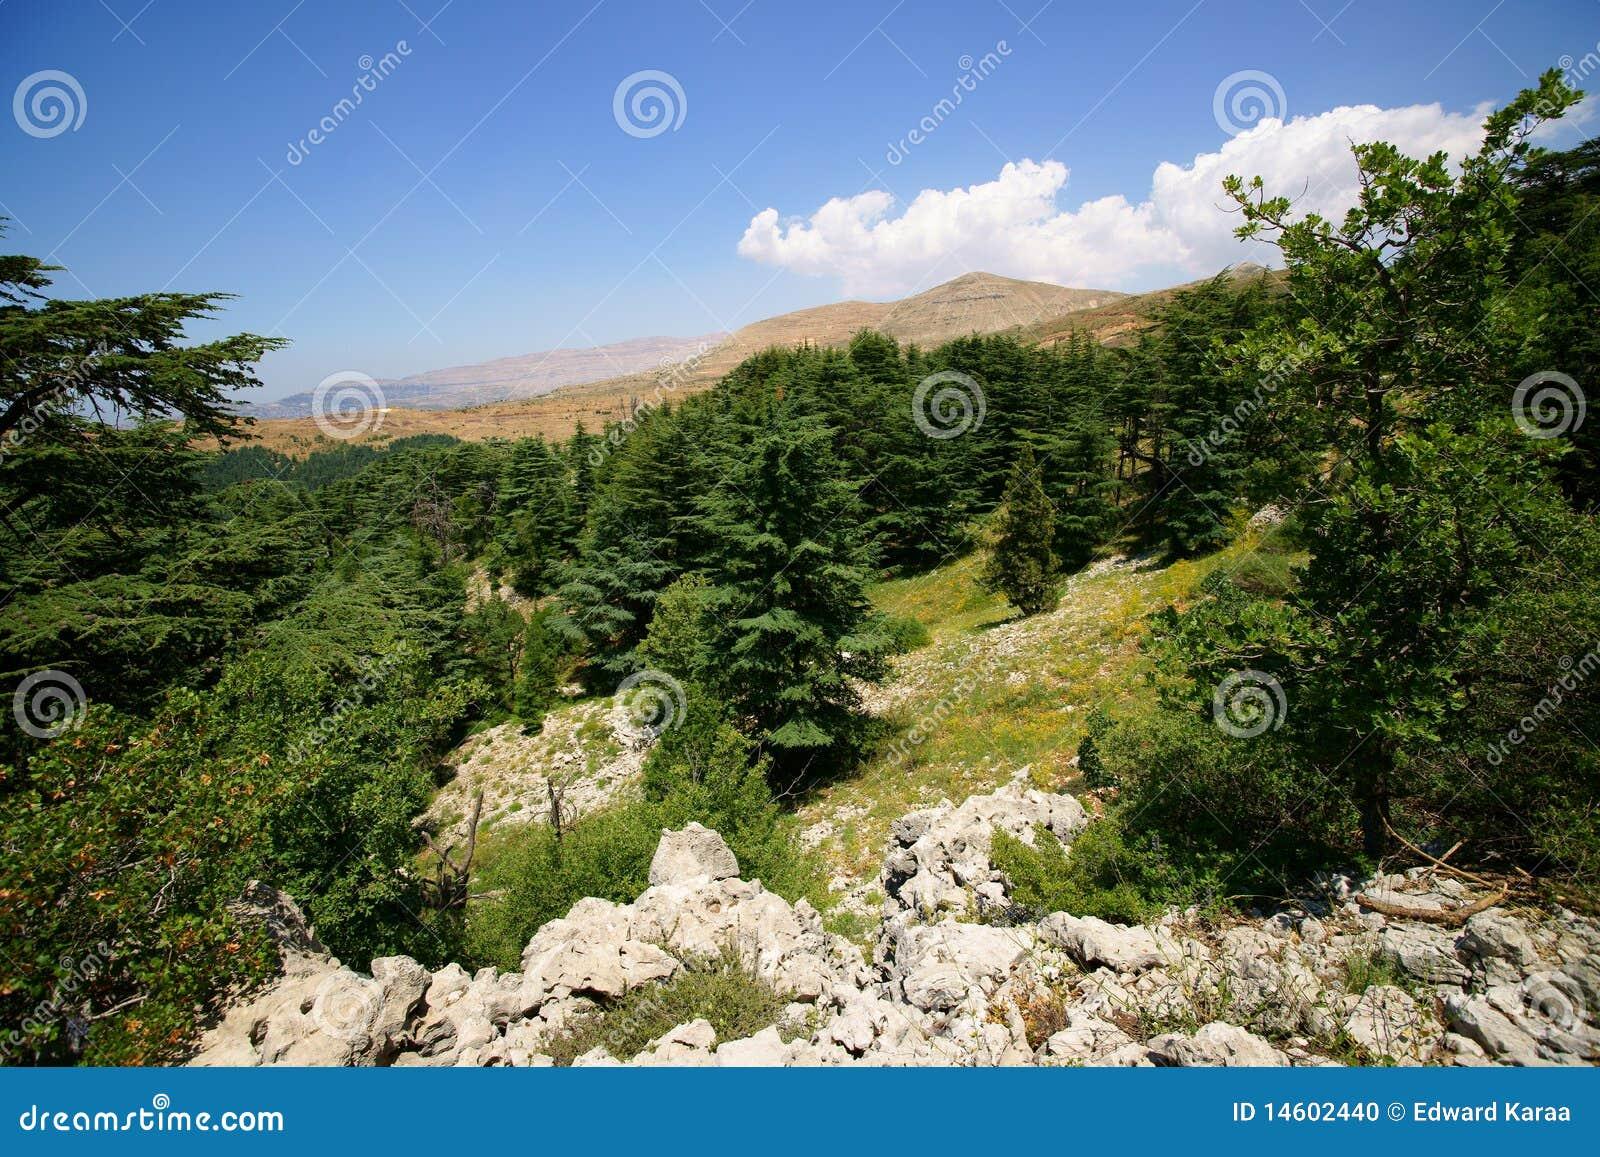 Riserva del cedro, Tannourine, Libano